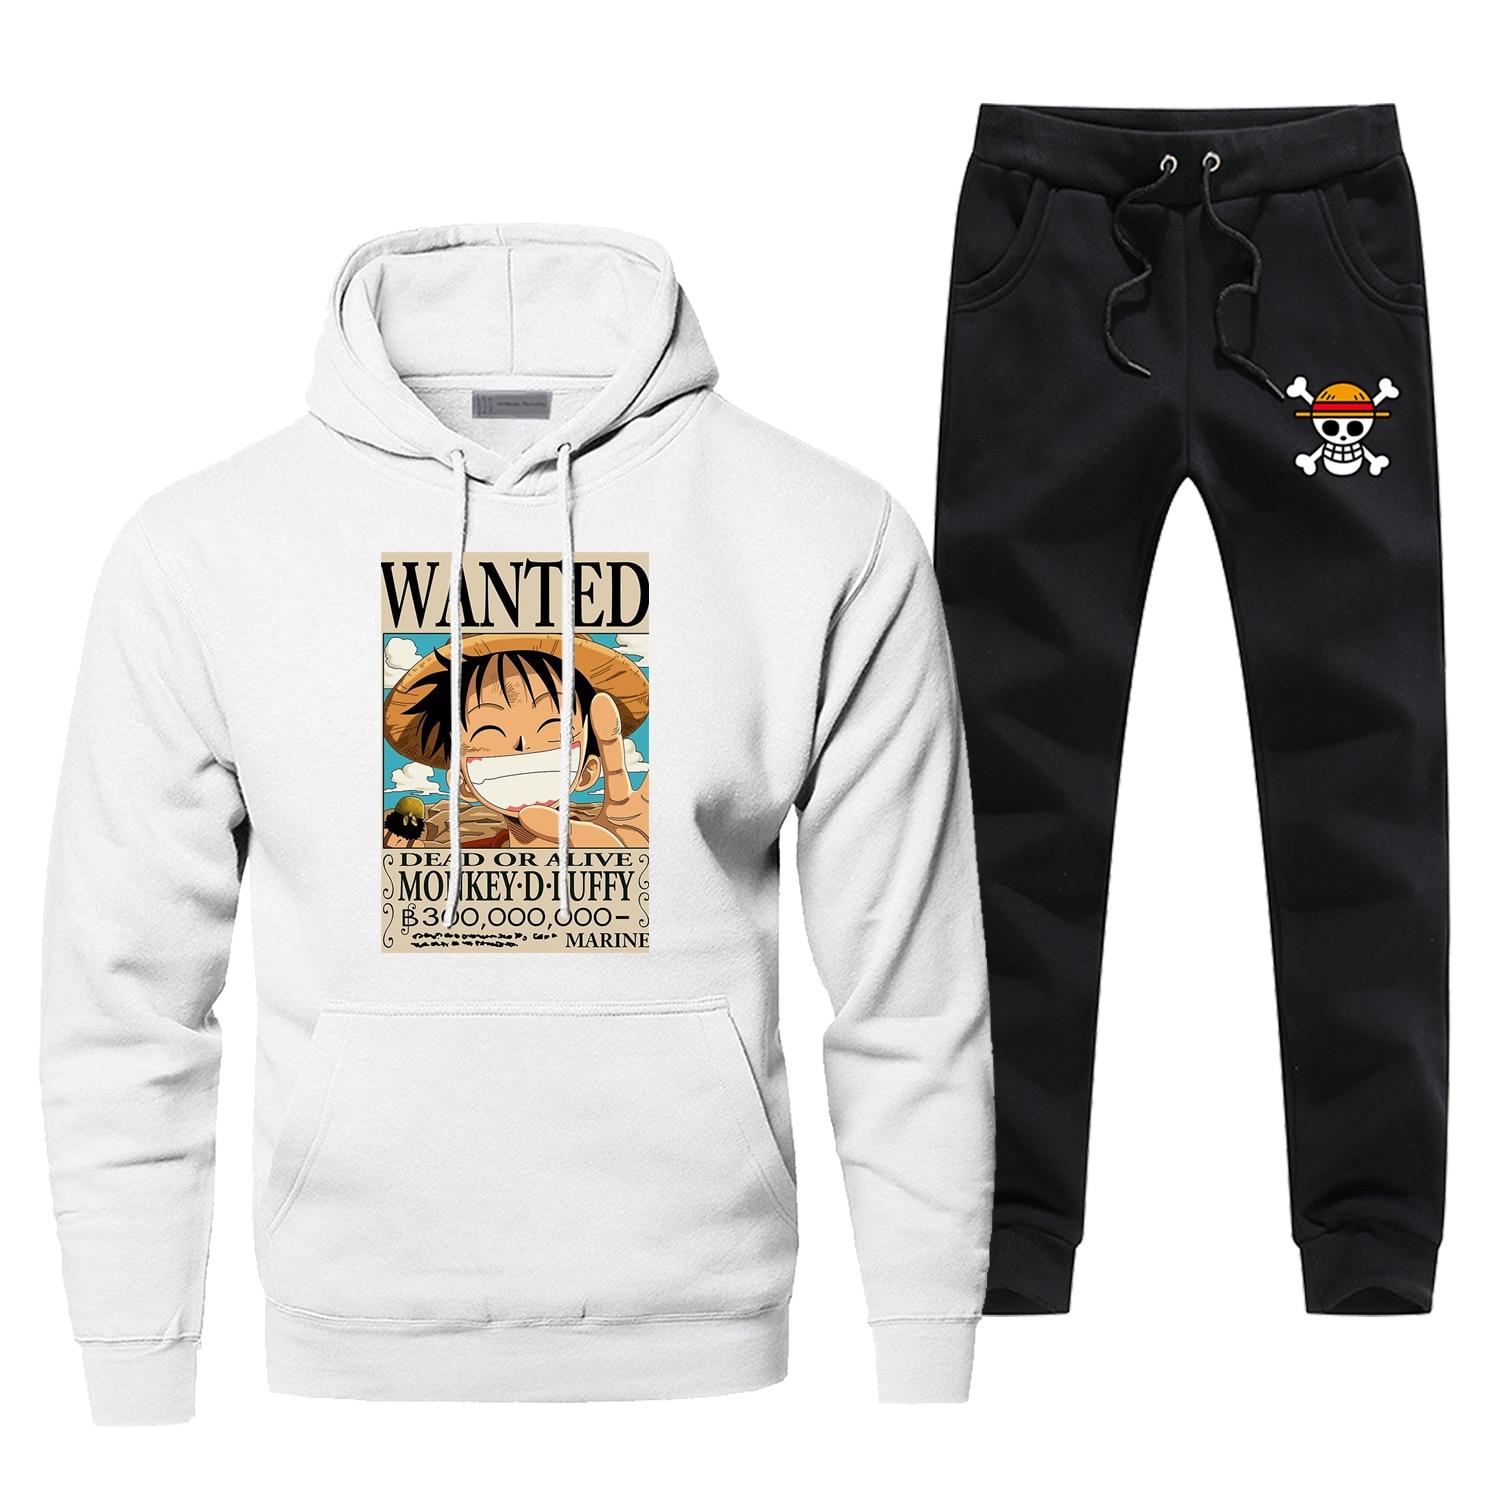 One Piece Hoodies Pants Men Sets Reward The Pirate King Suit Set Pant Sweatshirt Sweatpants Sportswear Autumn  2 PCS Tracksuit